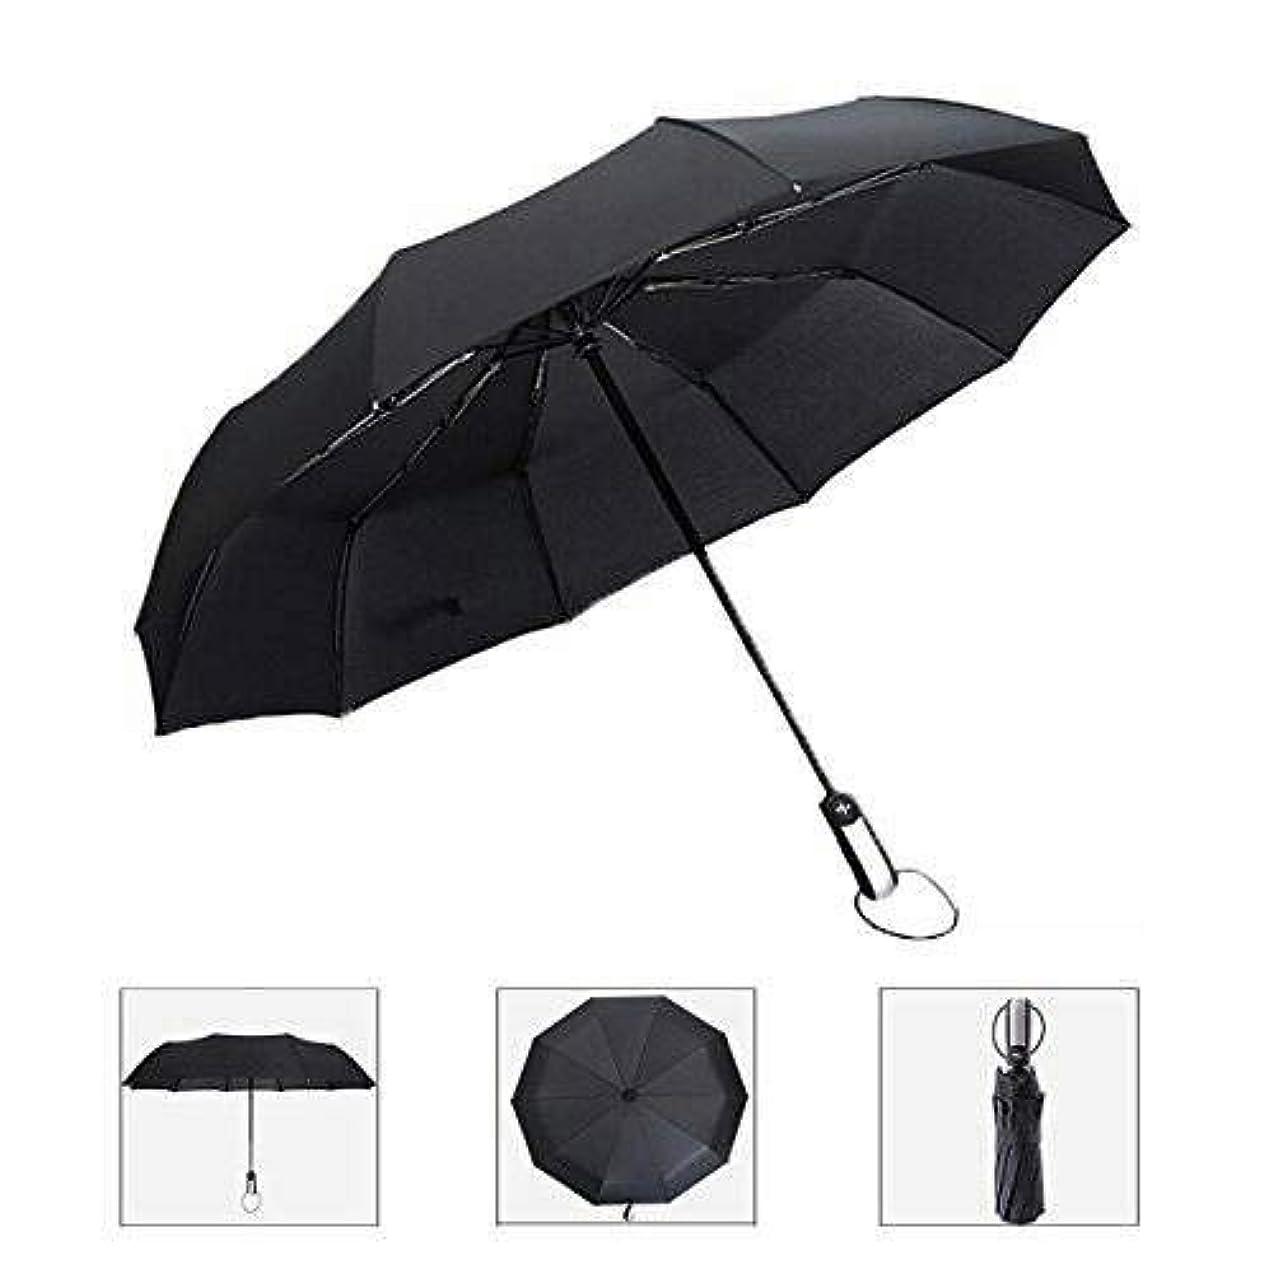 挽く宝石わずかな折りたたみ傘 自動開閉ワンタッチ折り畳み傘 おりたたみ傘 メンズ 大きい 頑丈 超特大 軽量 晴雨兼用 コンパクト10本骨 450g 118cm